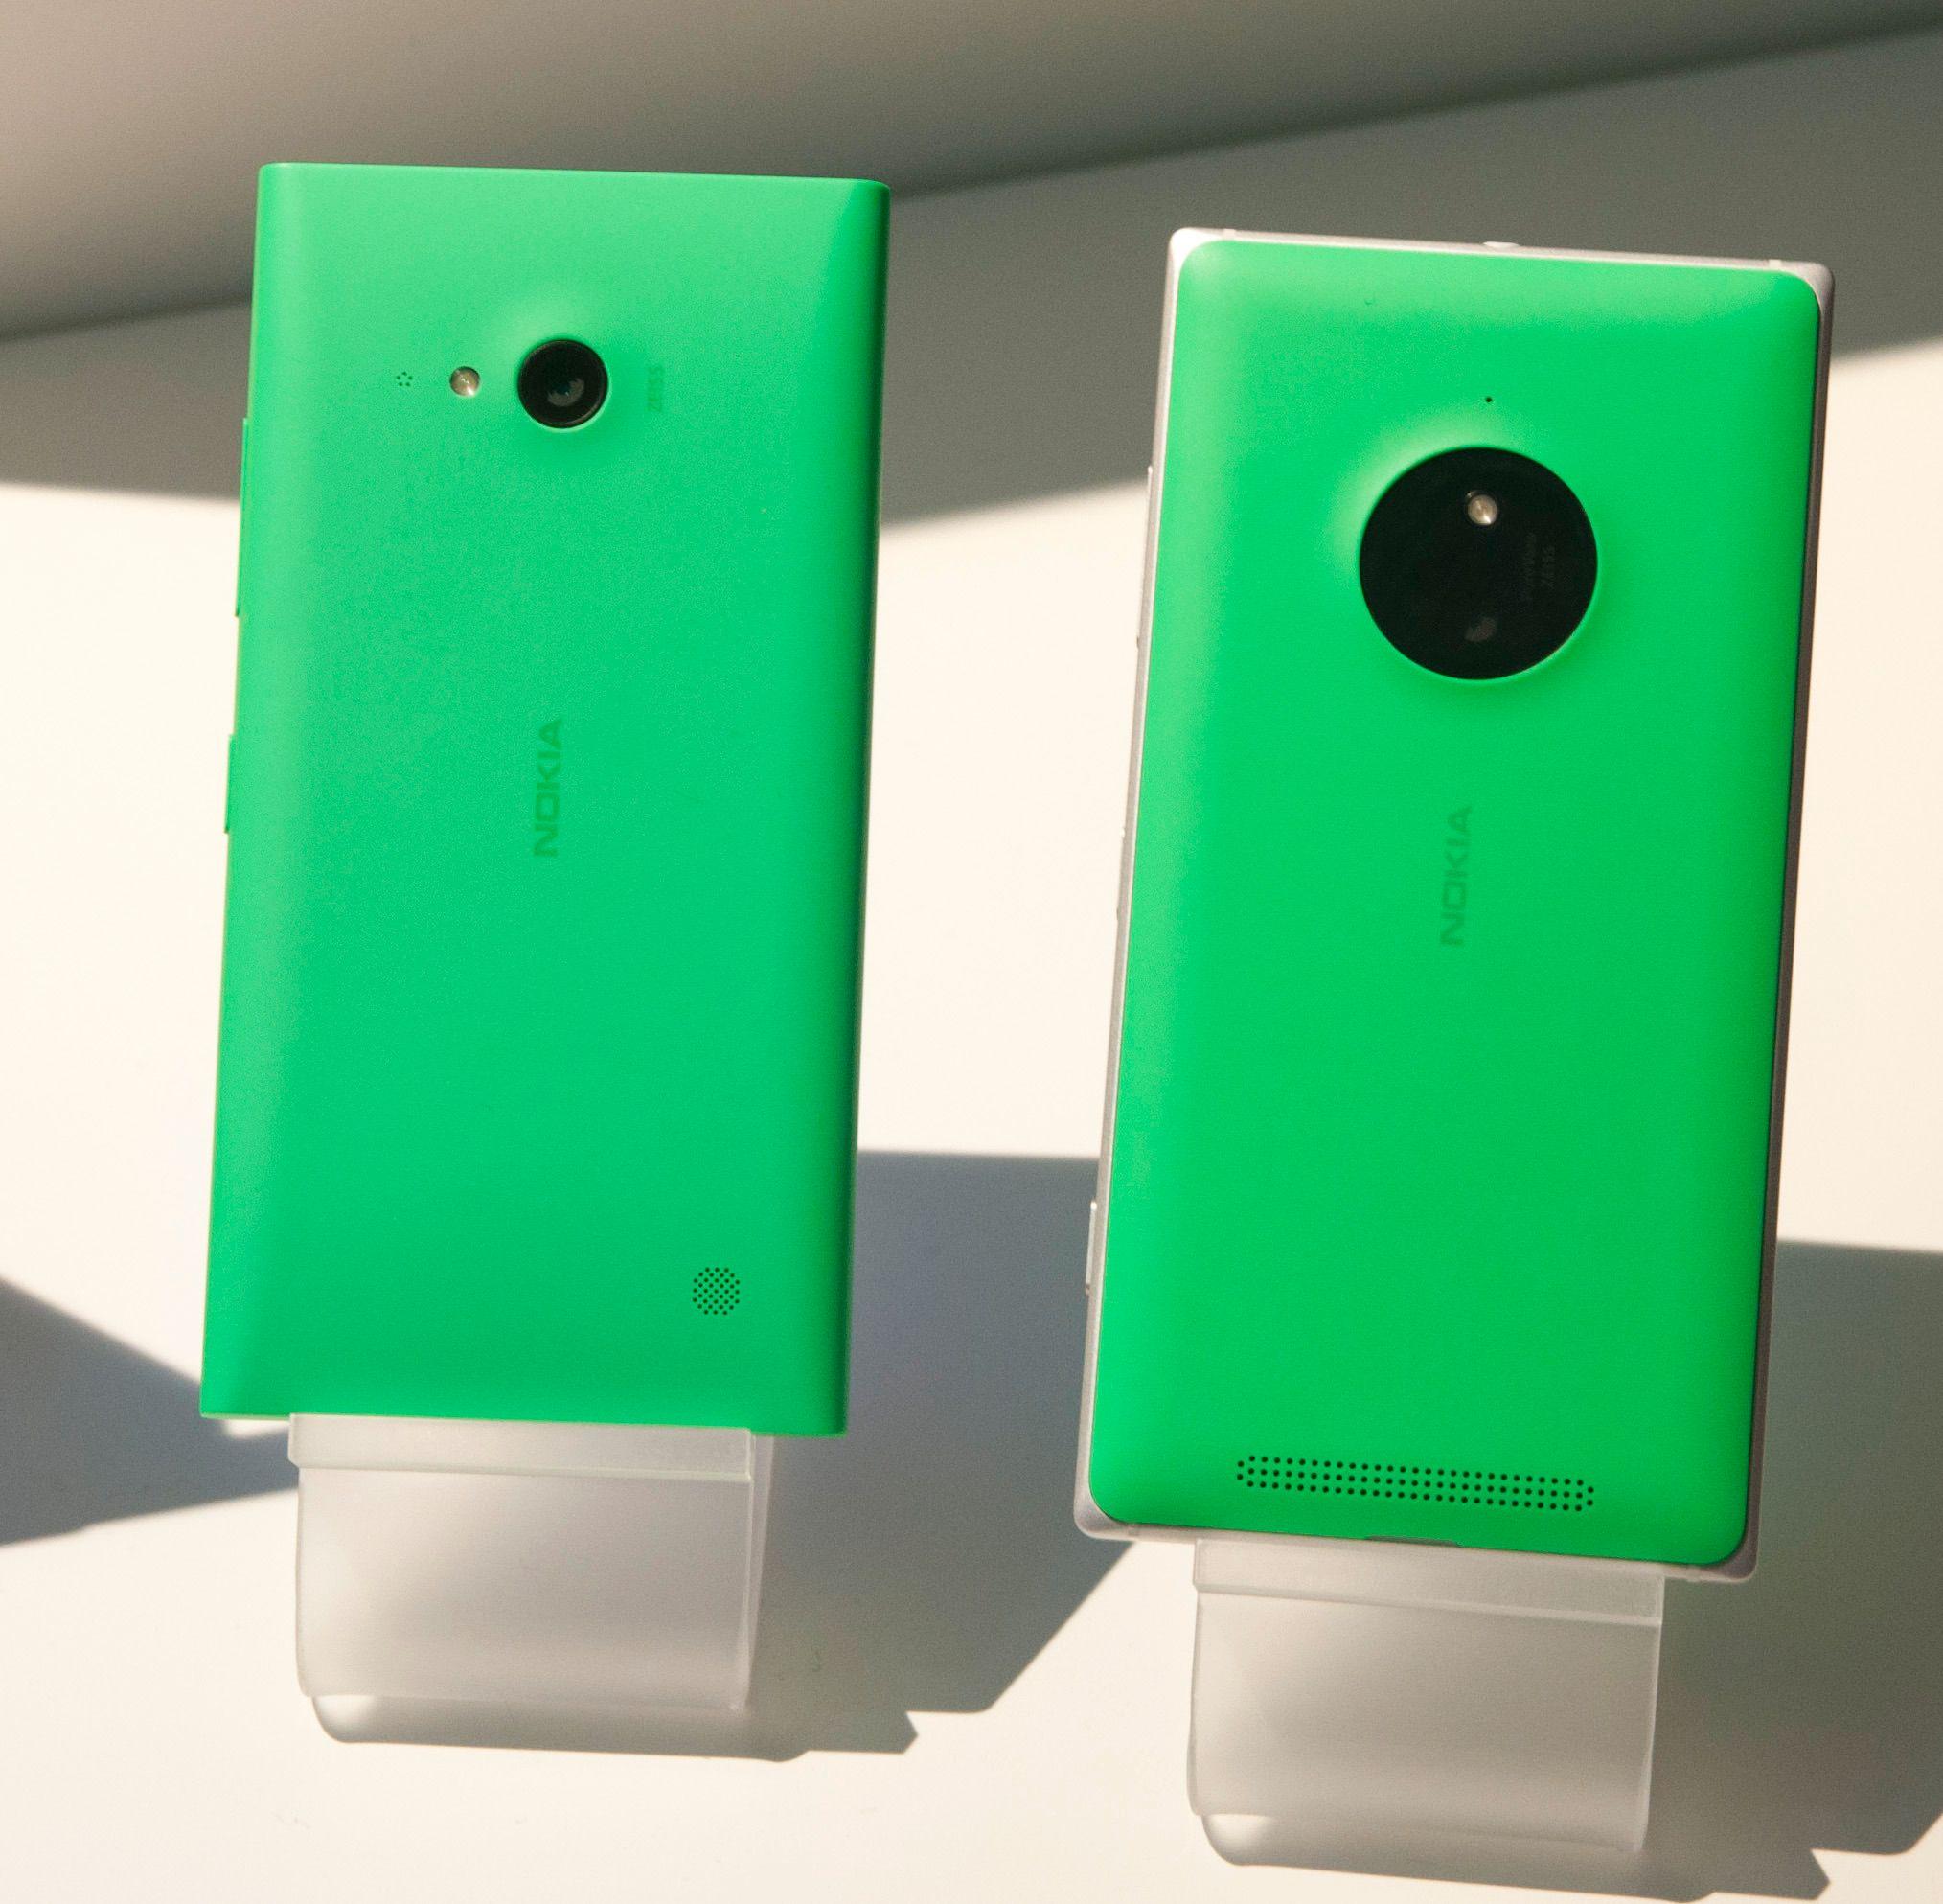 Både Lumia 735 og Lumia 830 er tilgjengelig i svært grønne utgaver.